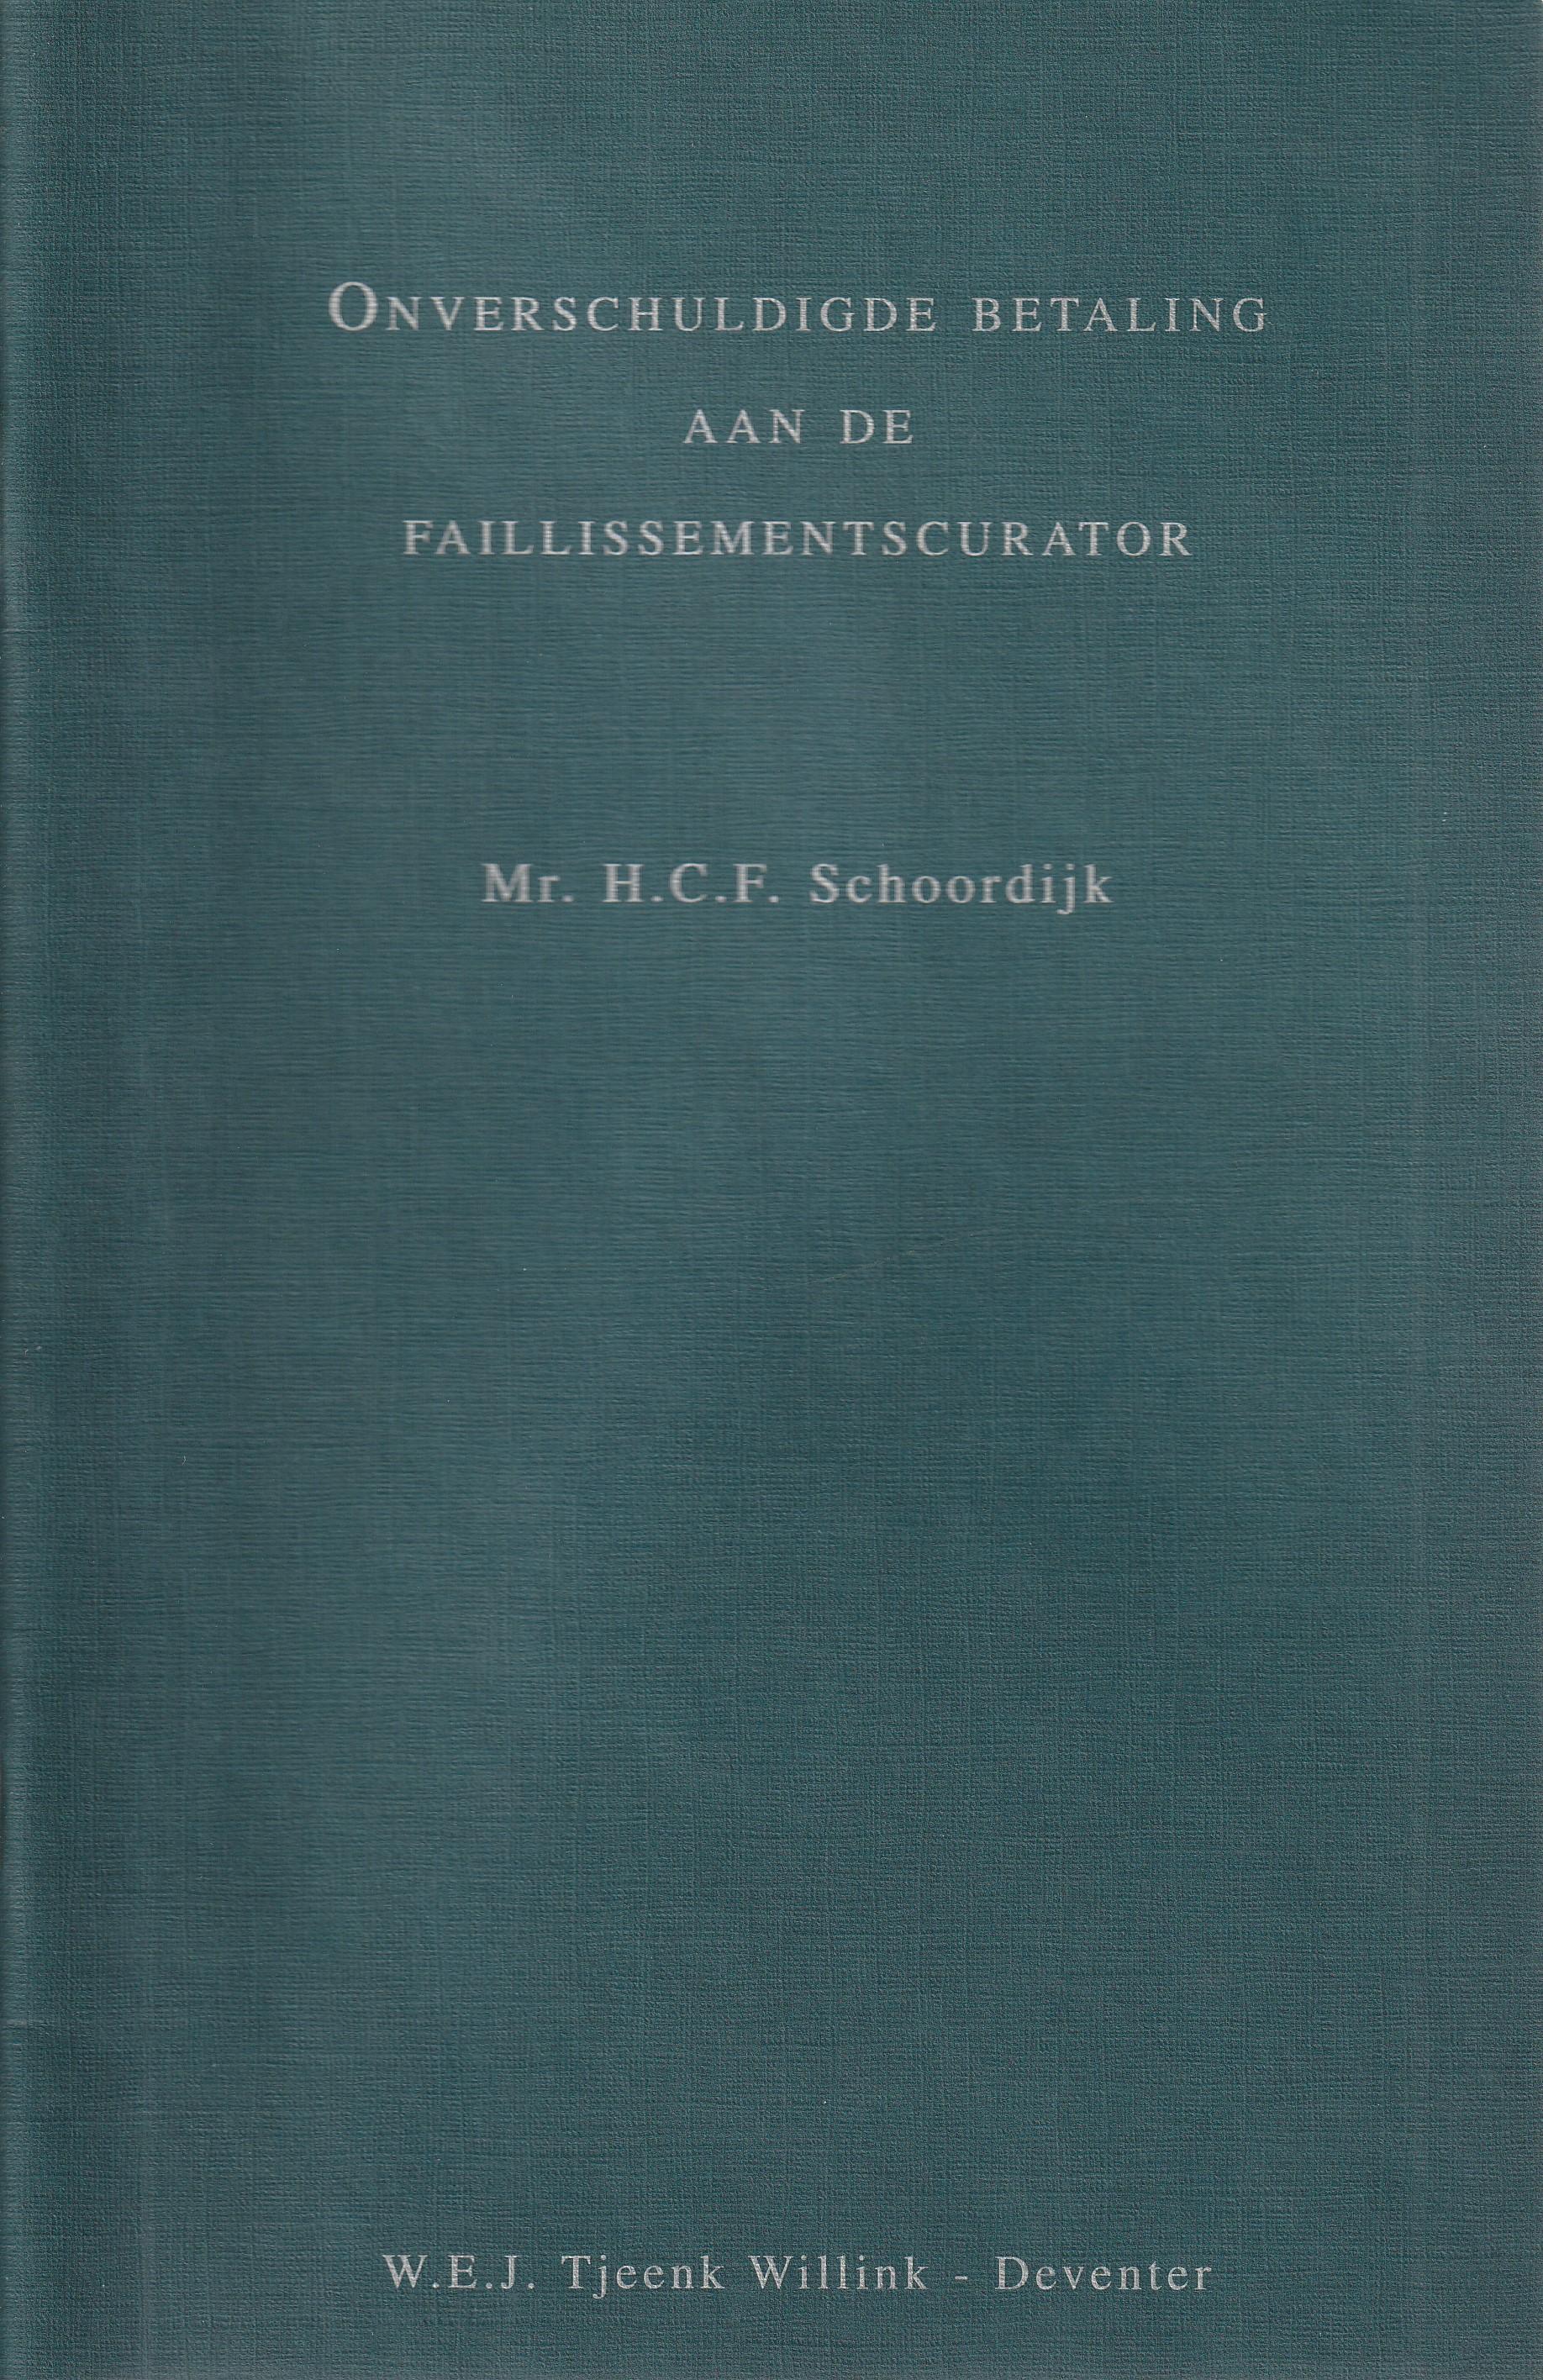 Onverschuldigde betaling aan de faillissementscurator - Rede 1997